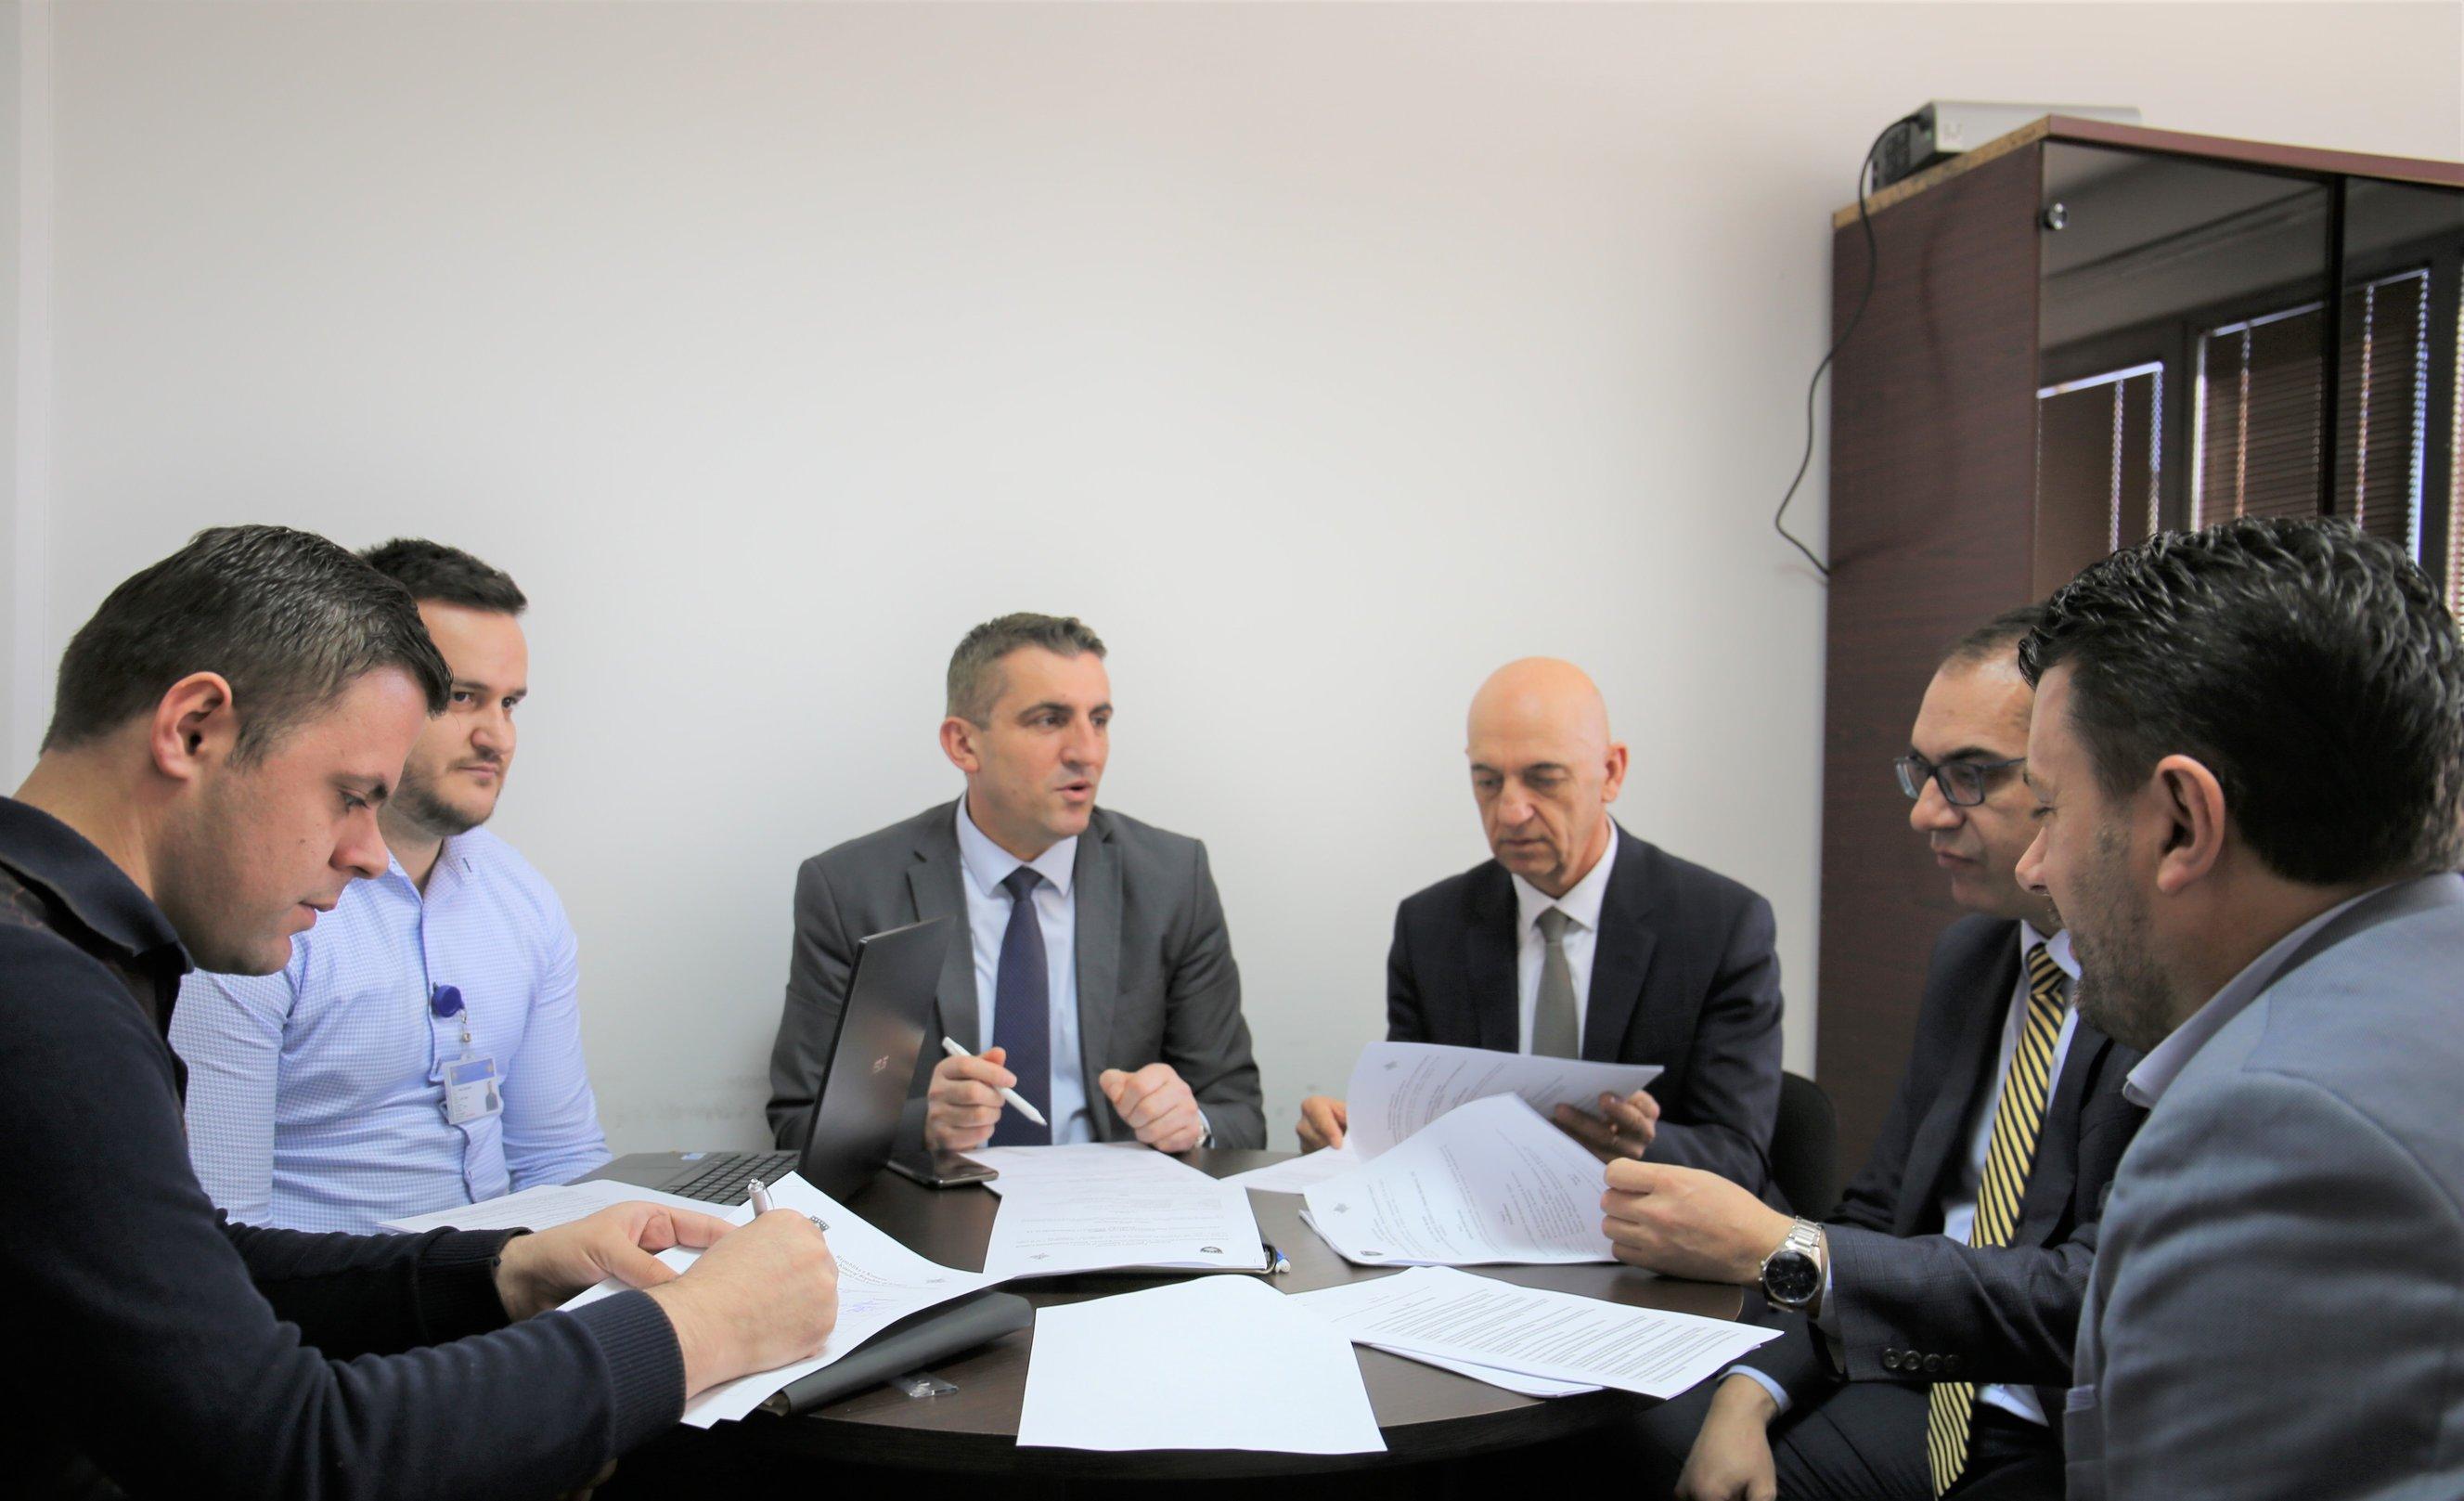 Vazhdon draftimi i Rregullores për organizimin dhe veprimtarinë e KPK-së